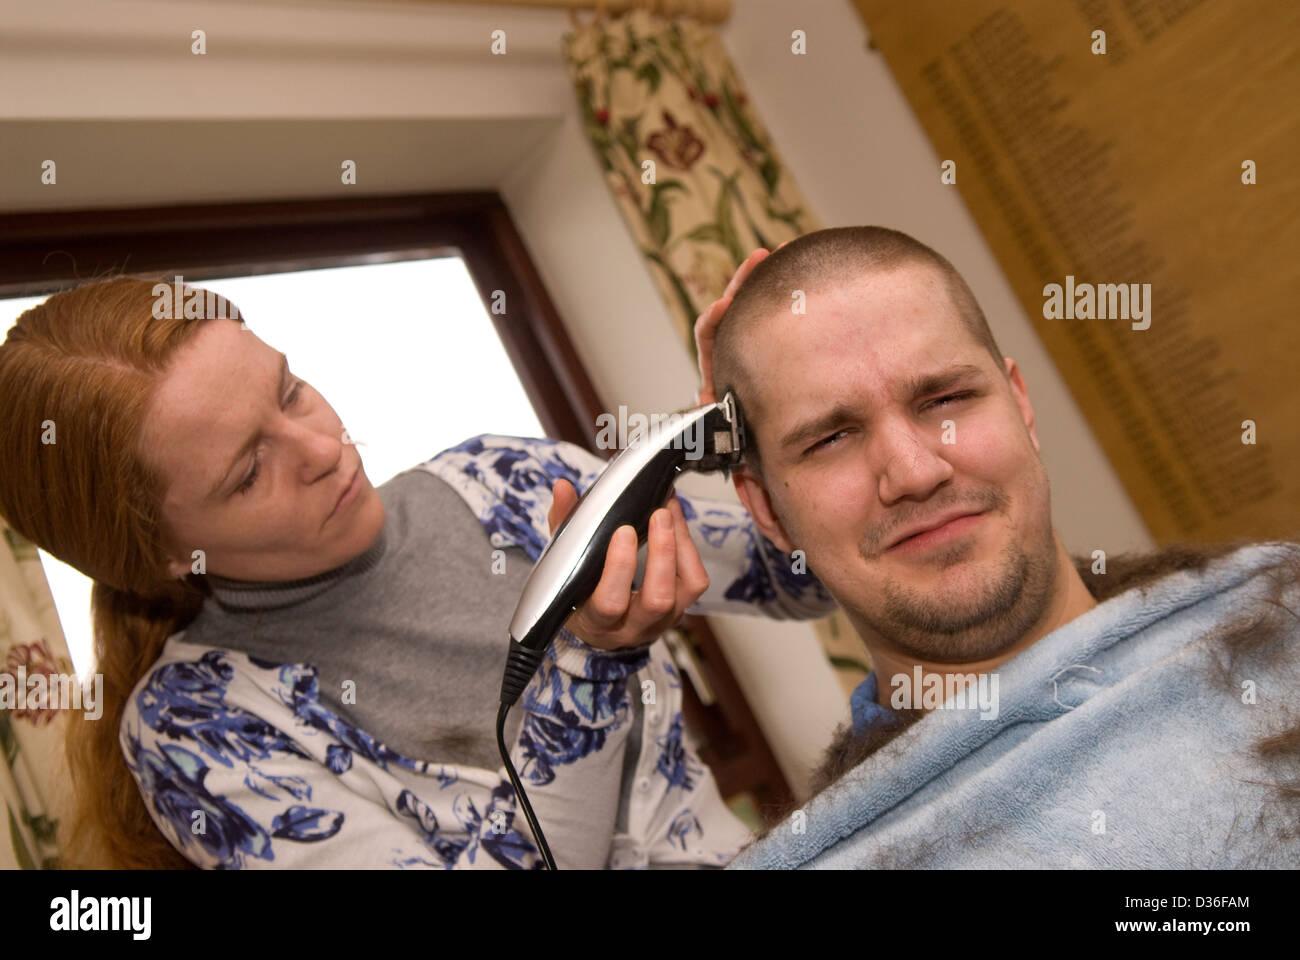 Hombre de 26 años en el proceso de tener todos sus pelos afeitados por un cáncer la caridad, Bordon, Hampshire, Foto de stock